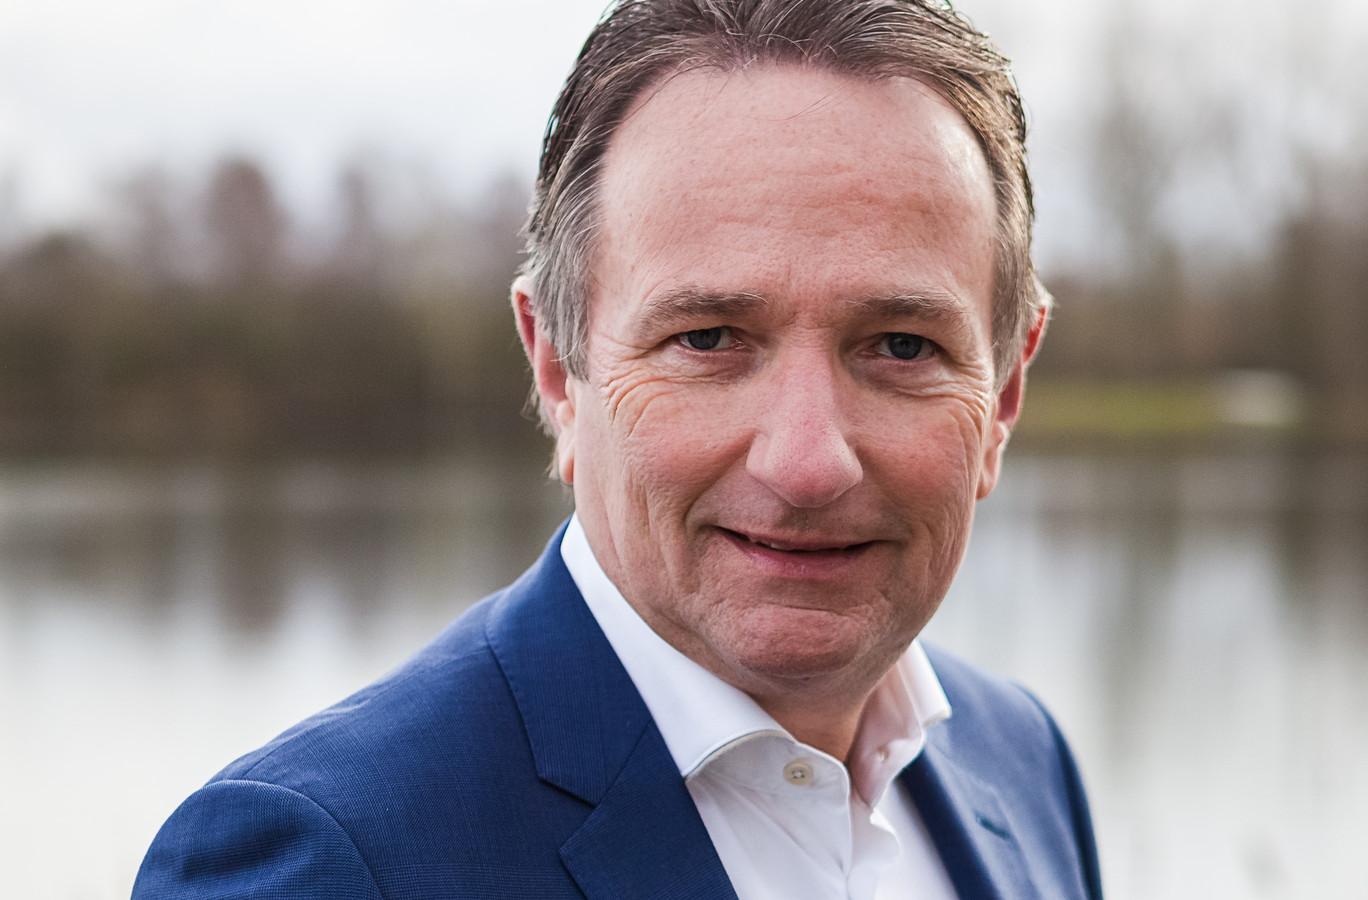 Ceo Ton van der Giessen van Van Werven Recycling in Biddinghuizen ziet nu een dip in zijn omzet maar heeft hoge verwachtingen voor de toekomst.